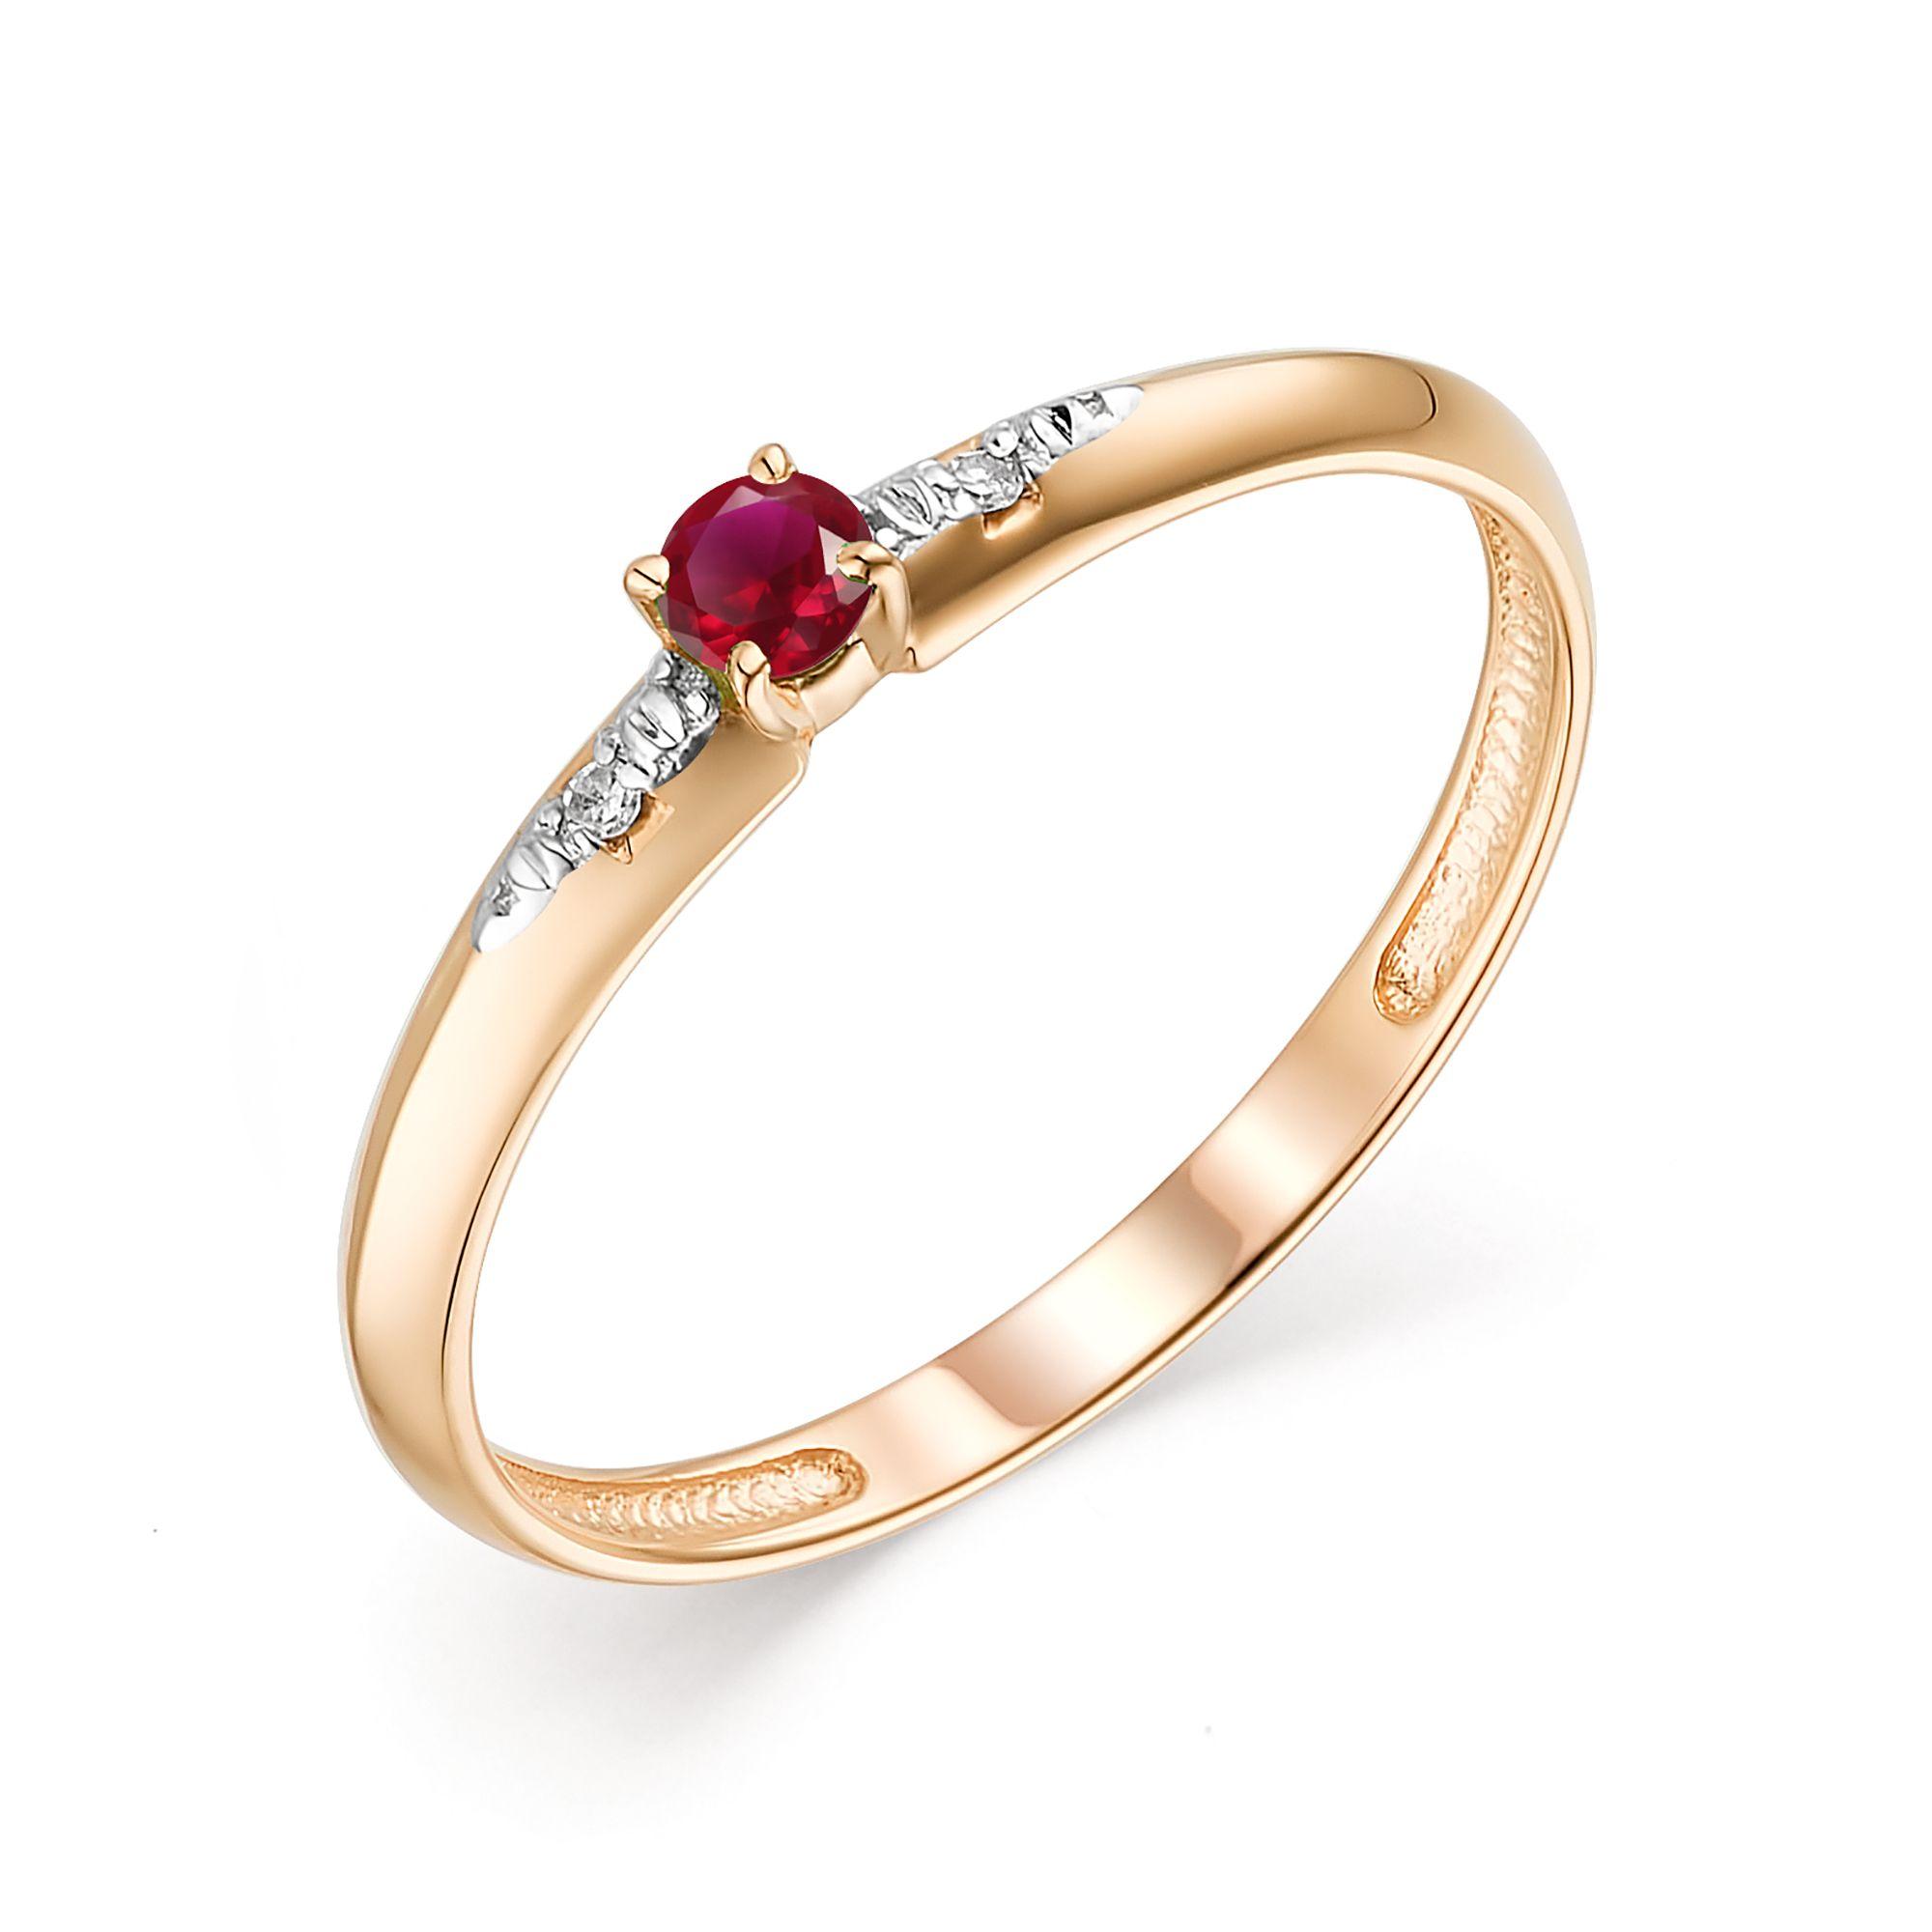 картинка кольцо 13621-103 1 рубин   круг 0,118 2,7 2/2, 2 бриллиант круг 17 0,009 200-400 2/3а 13621-103